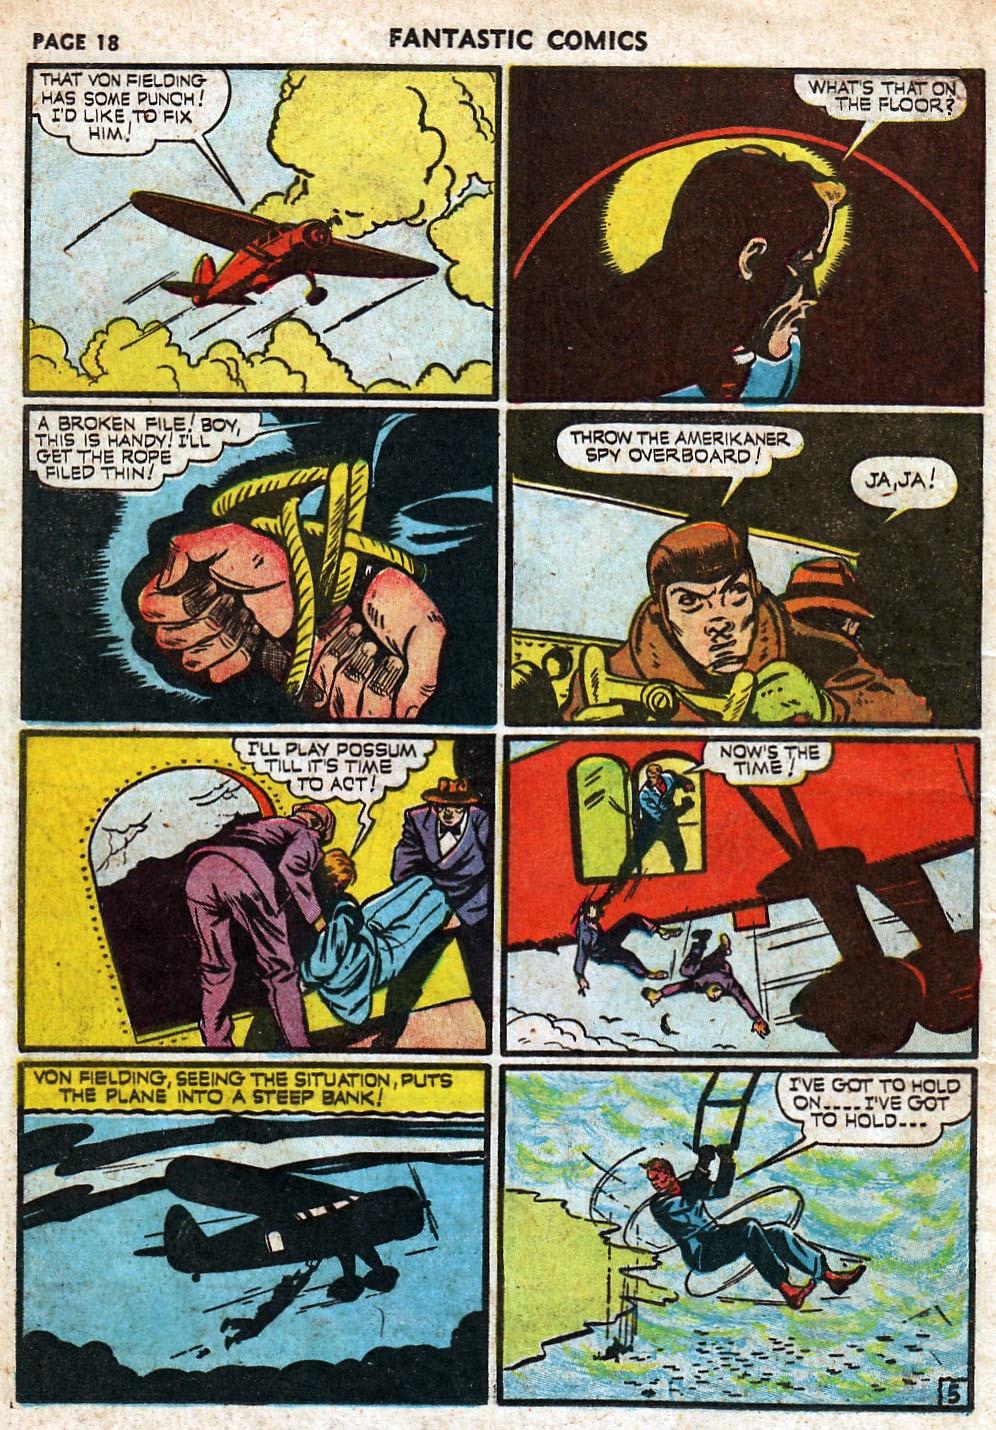 Read online Fantastic Comics comic -  Issue #18 - 20